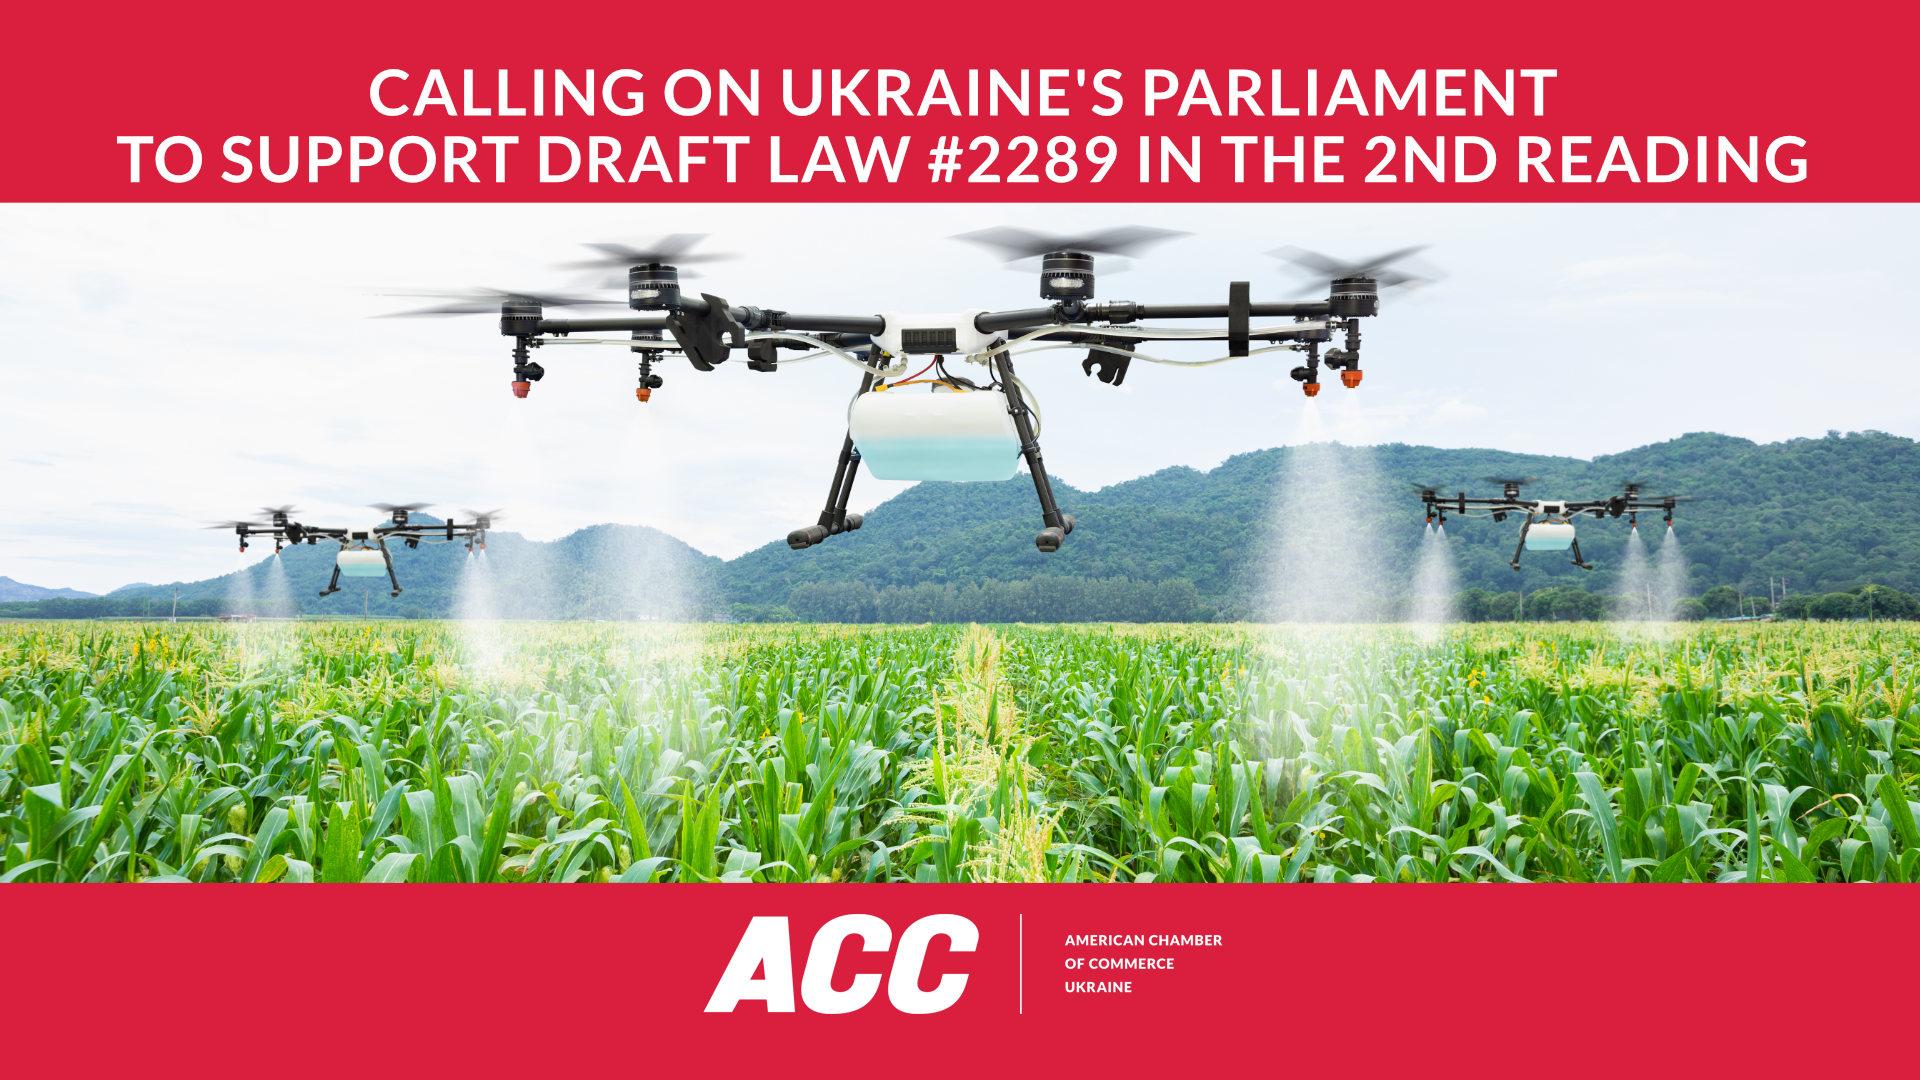 Американська торговельна палата в Україні закликає народних депутатів підтримати проект Закону №2289 у другому читанні